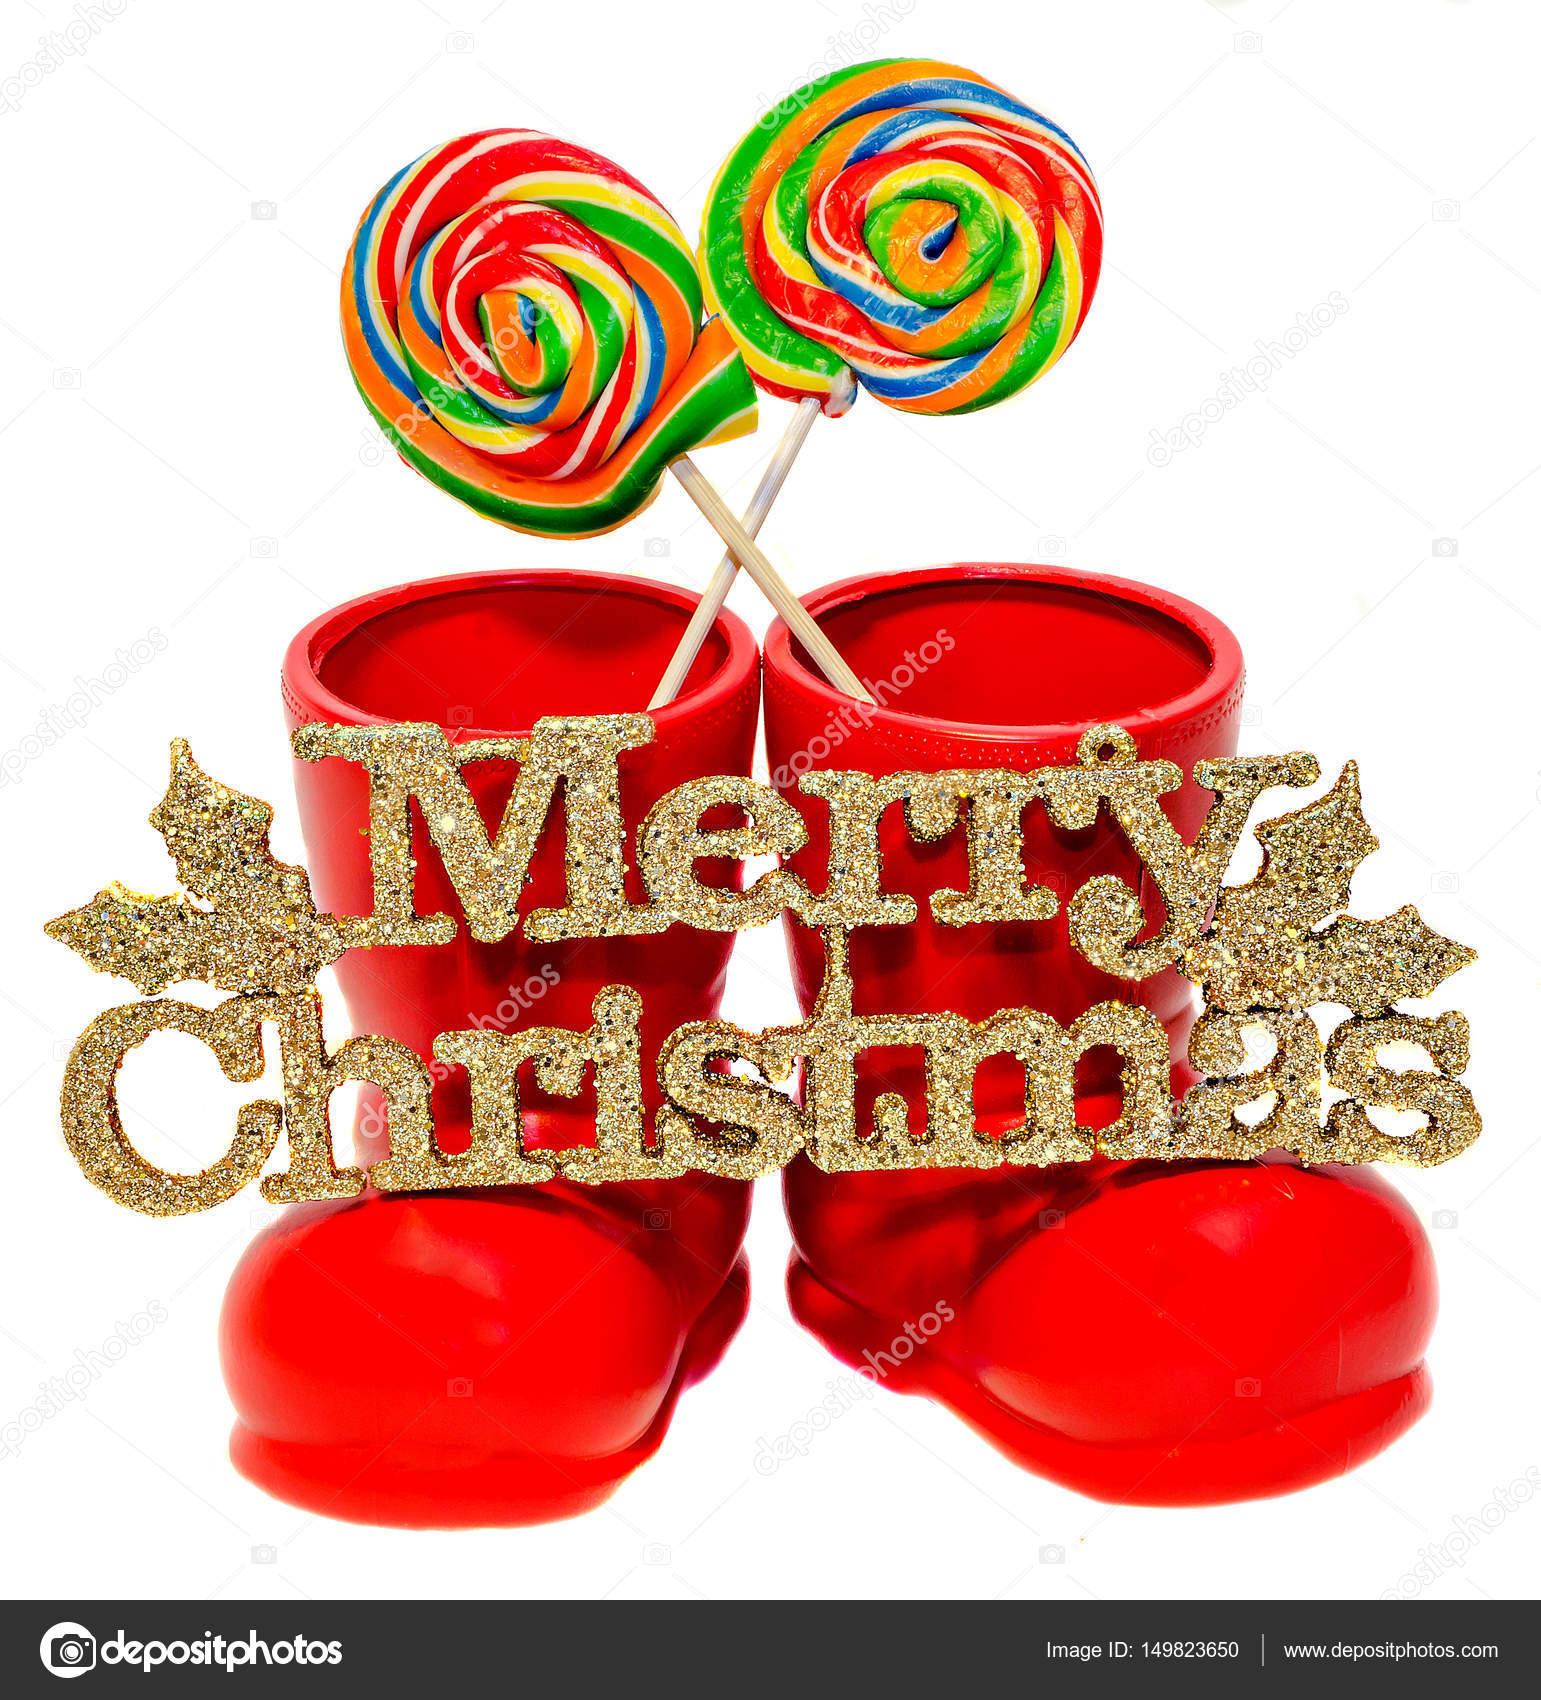 Weihnachtsmann Rot Stiefel Schuhe Sankt Nikolaus Roten Stiefeln